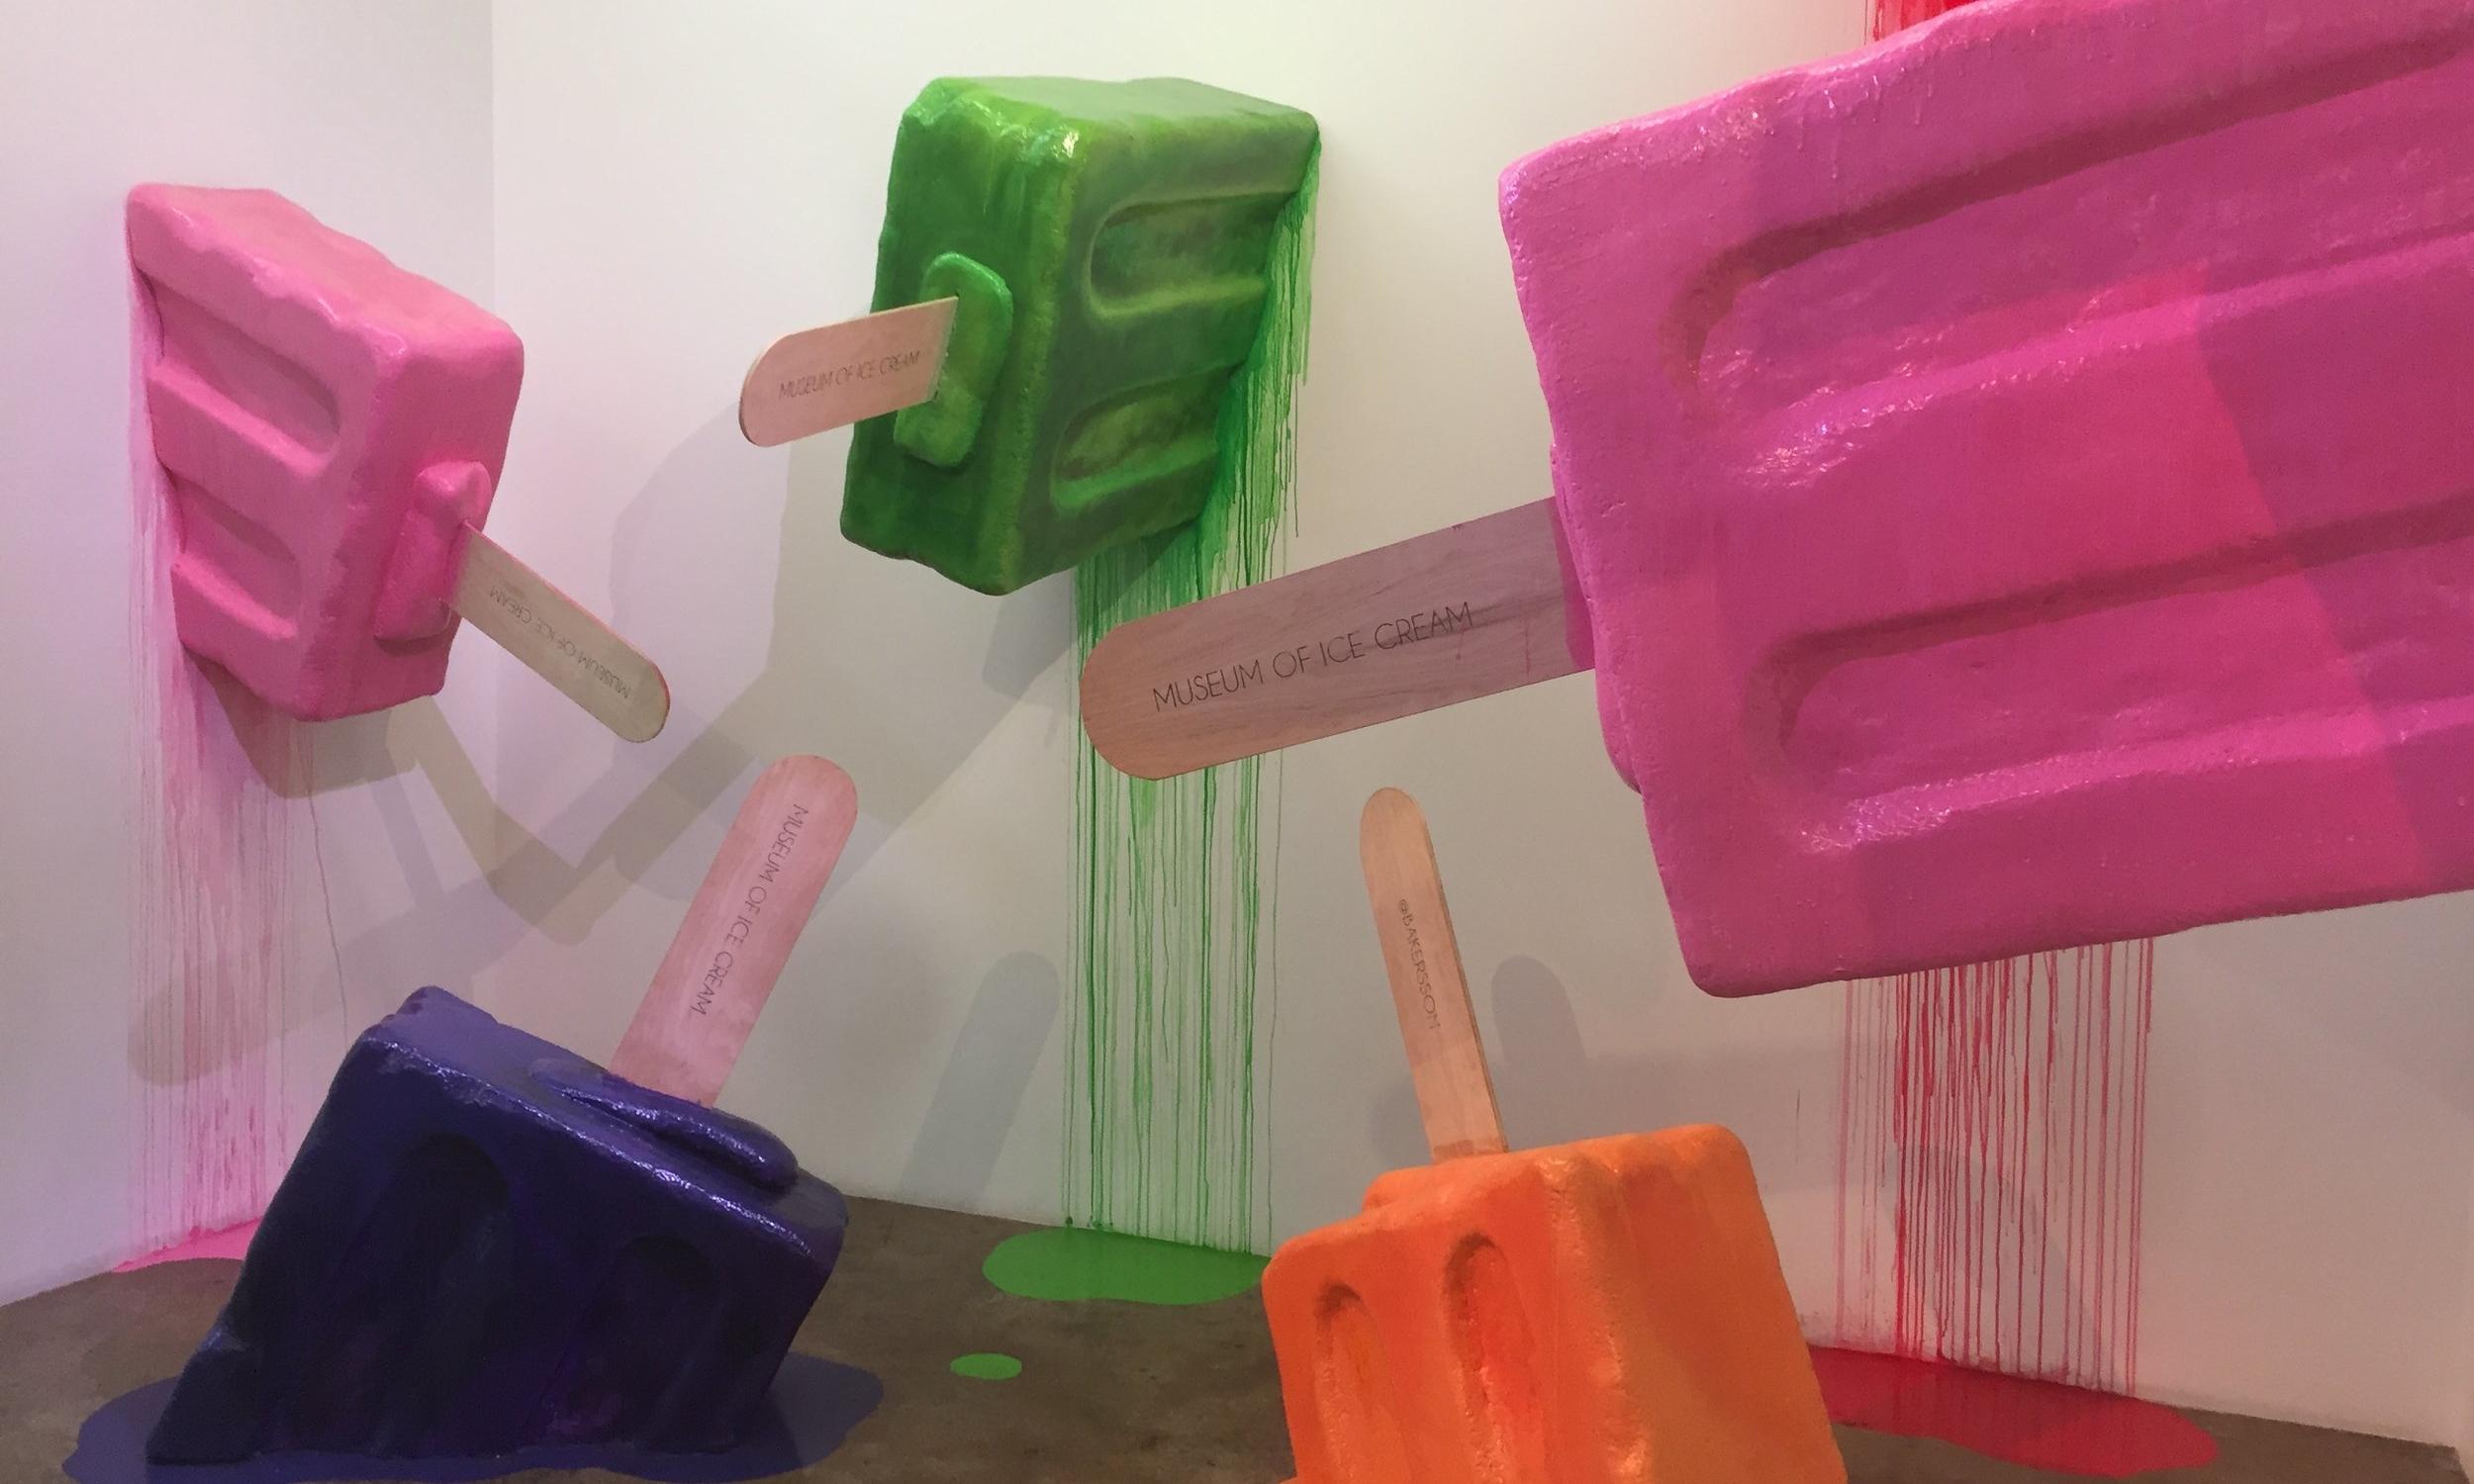 Eye of Ebco: Museum of Ice Cream - Experiential Ice Cream Parlor / Pop Art Museum